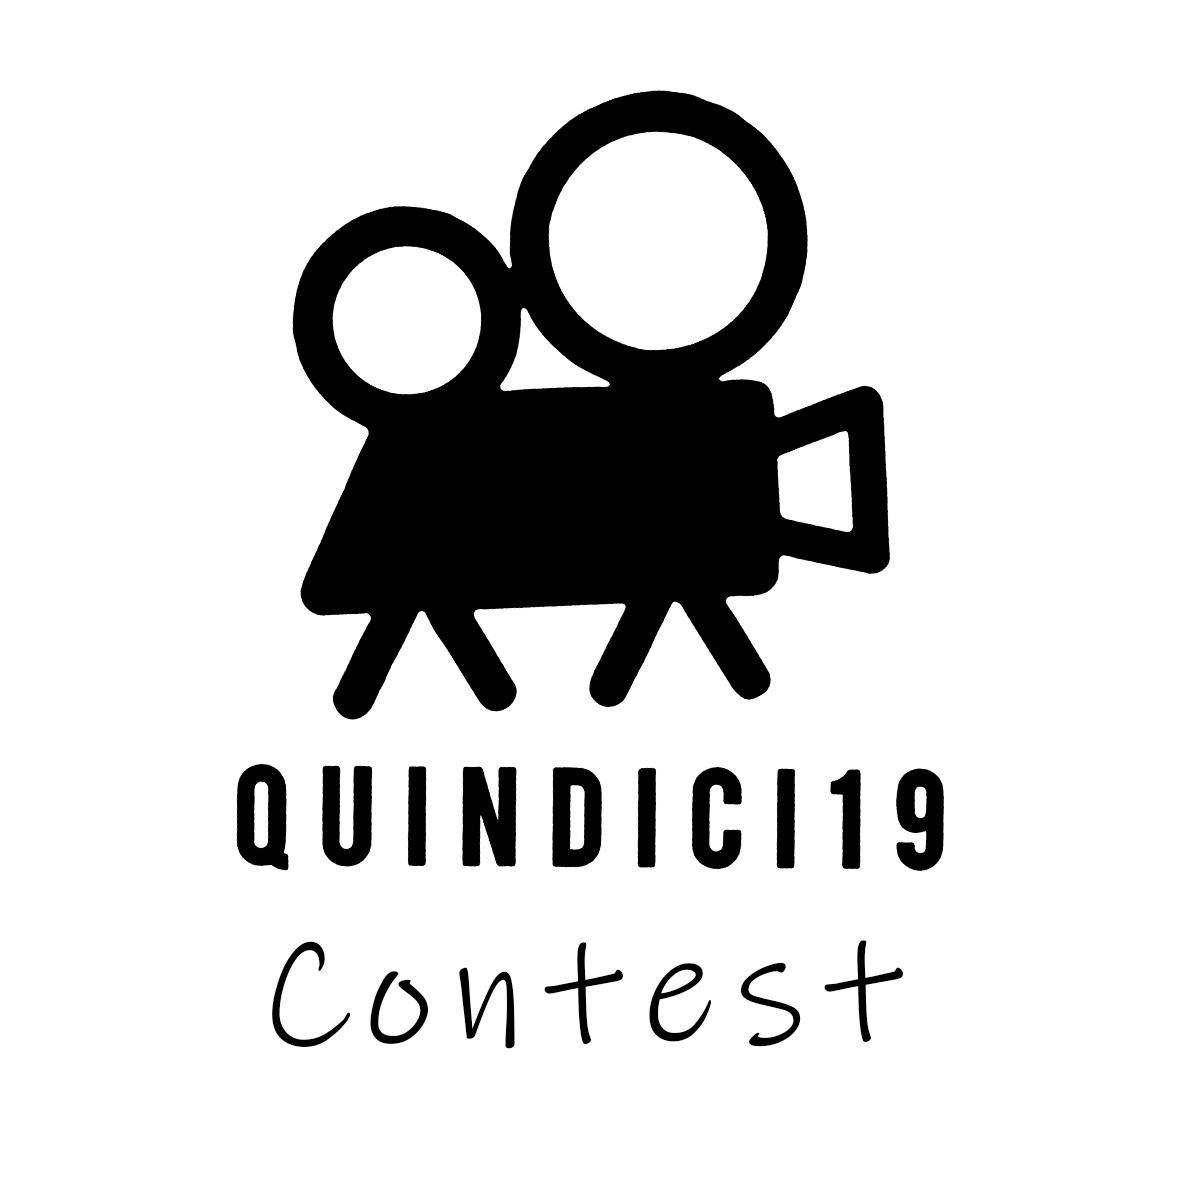 quindici19+contest.jpg